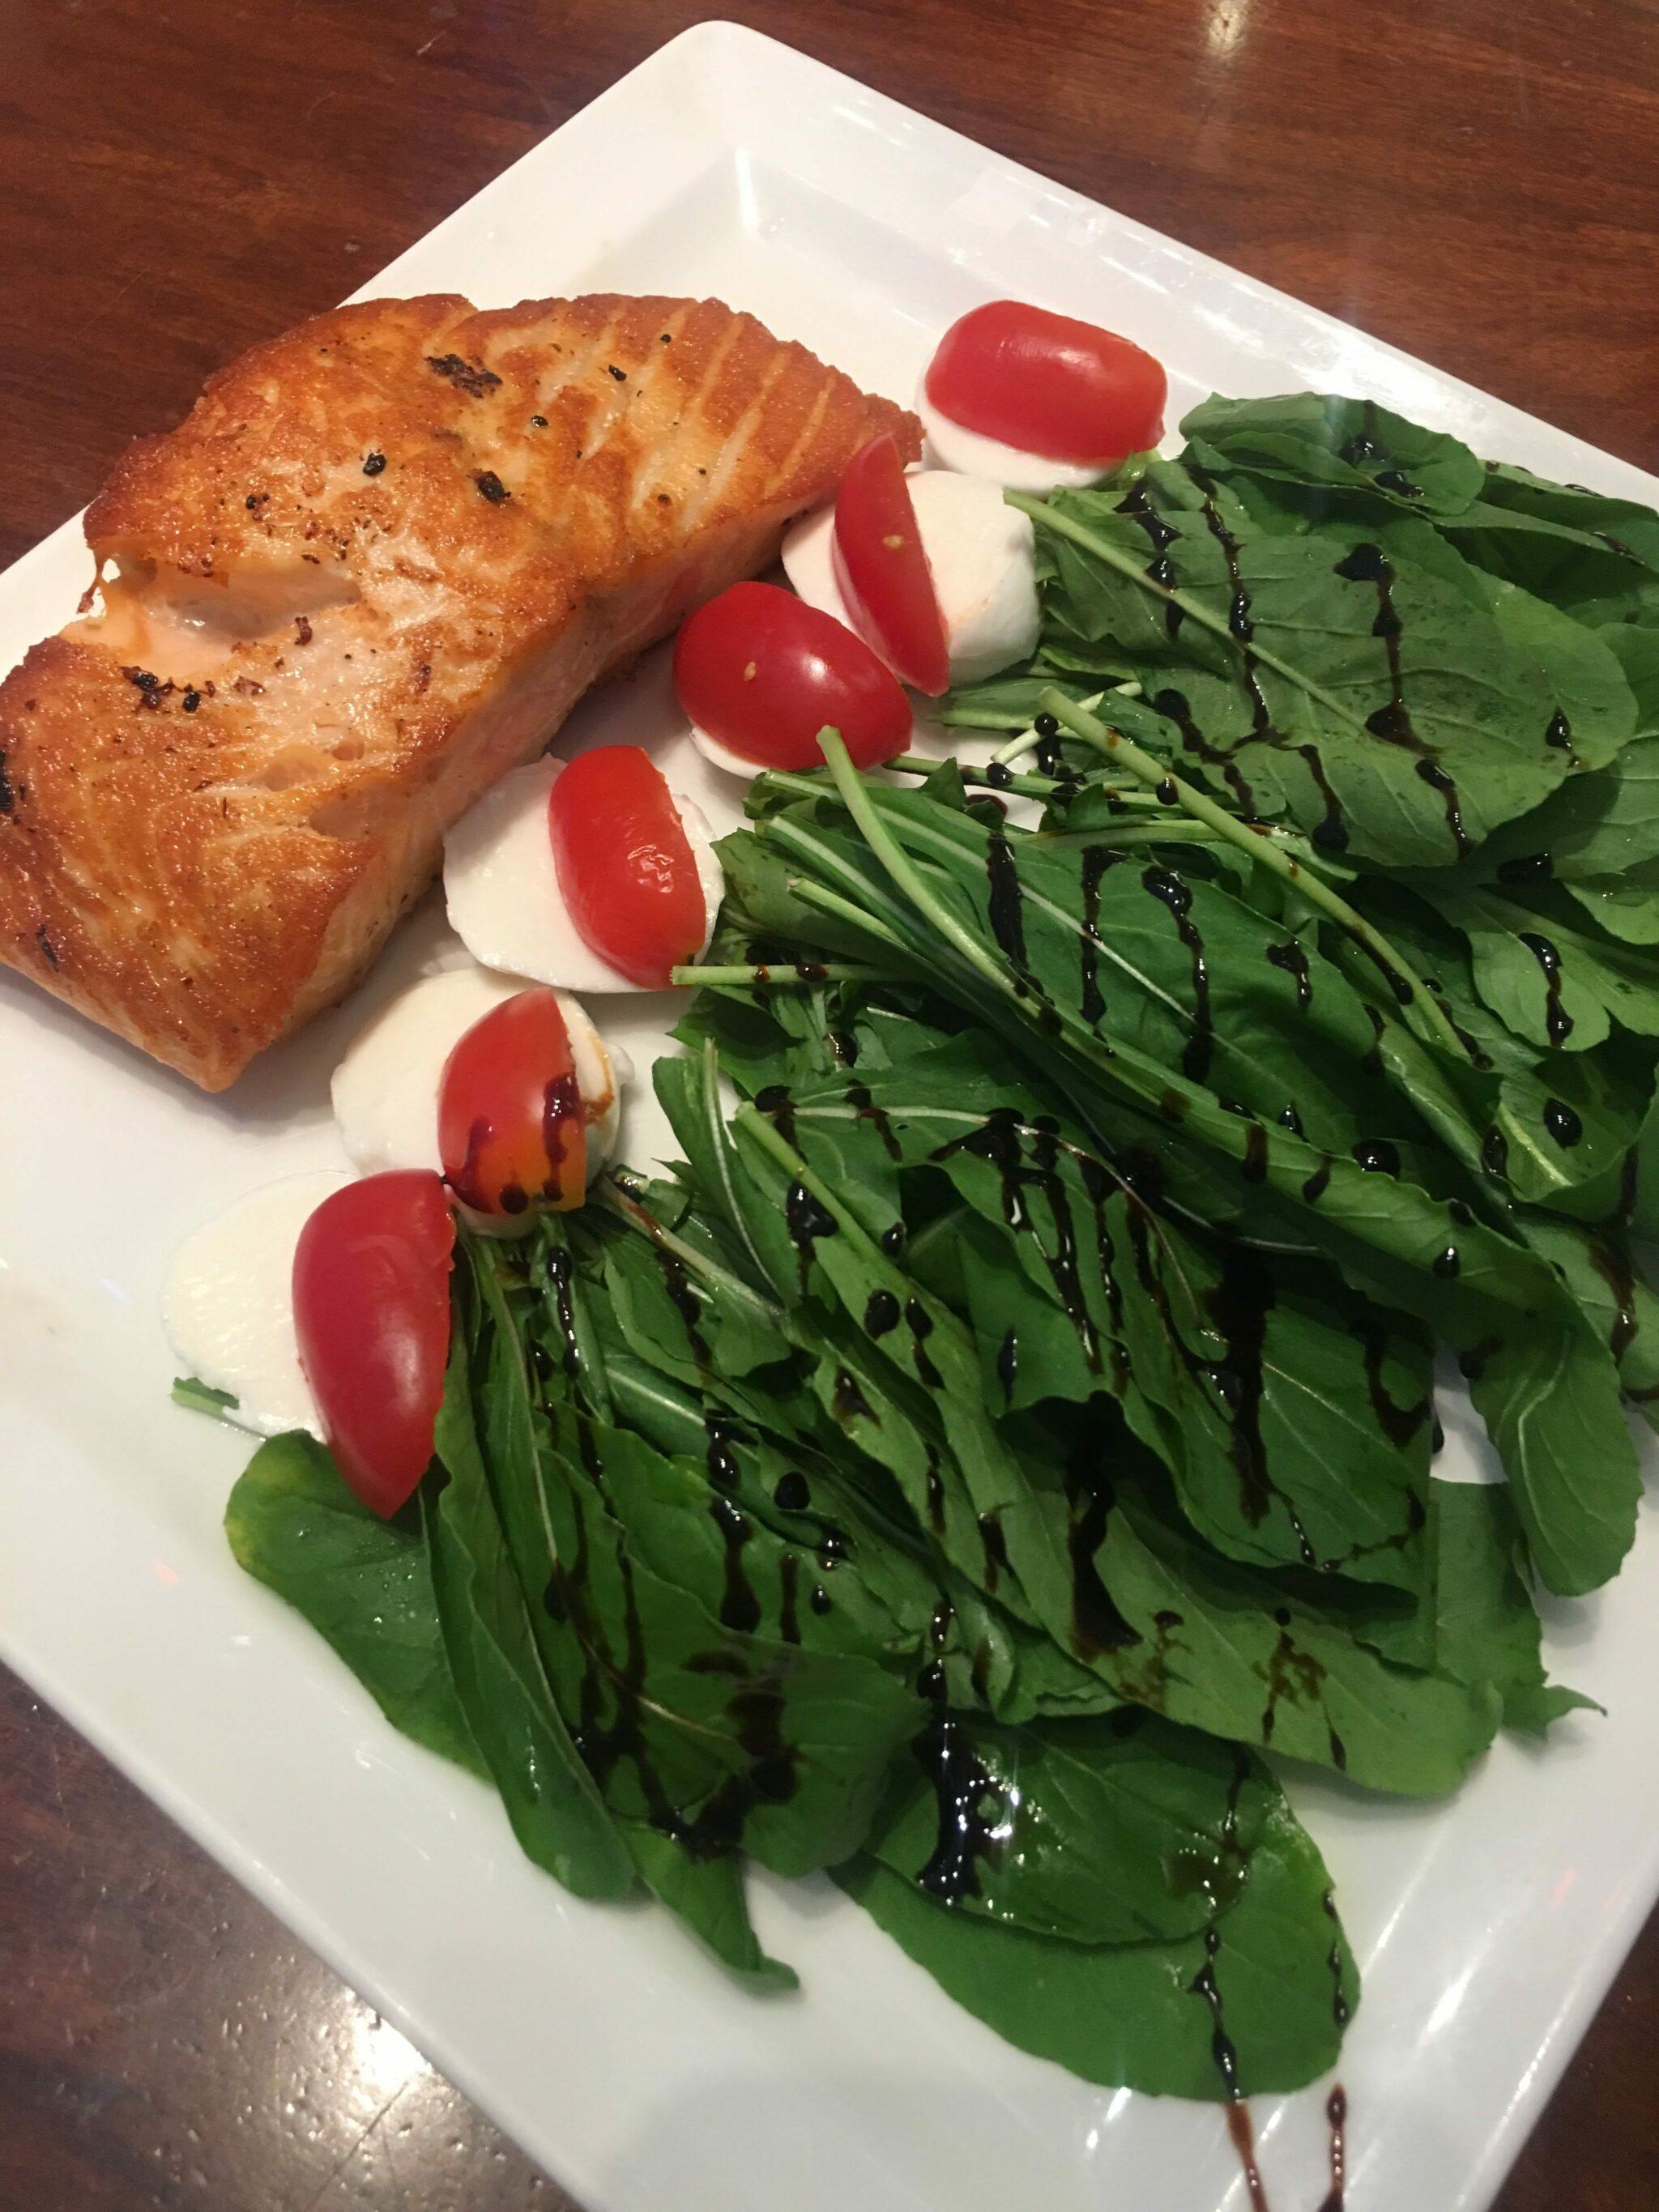 Dieta low carb – o que é?